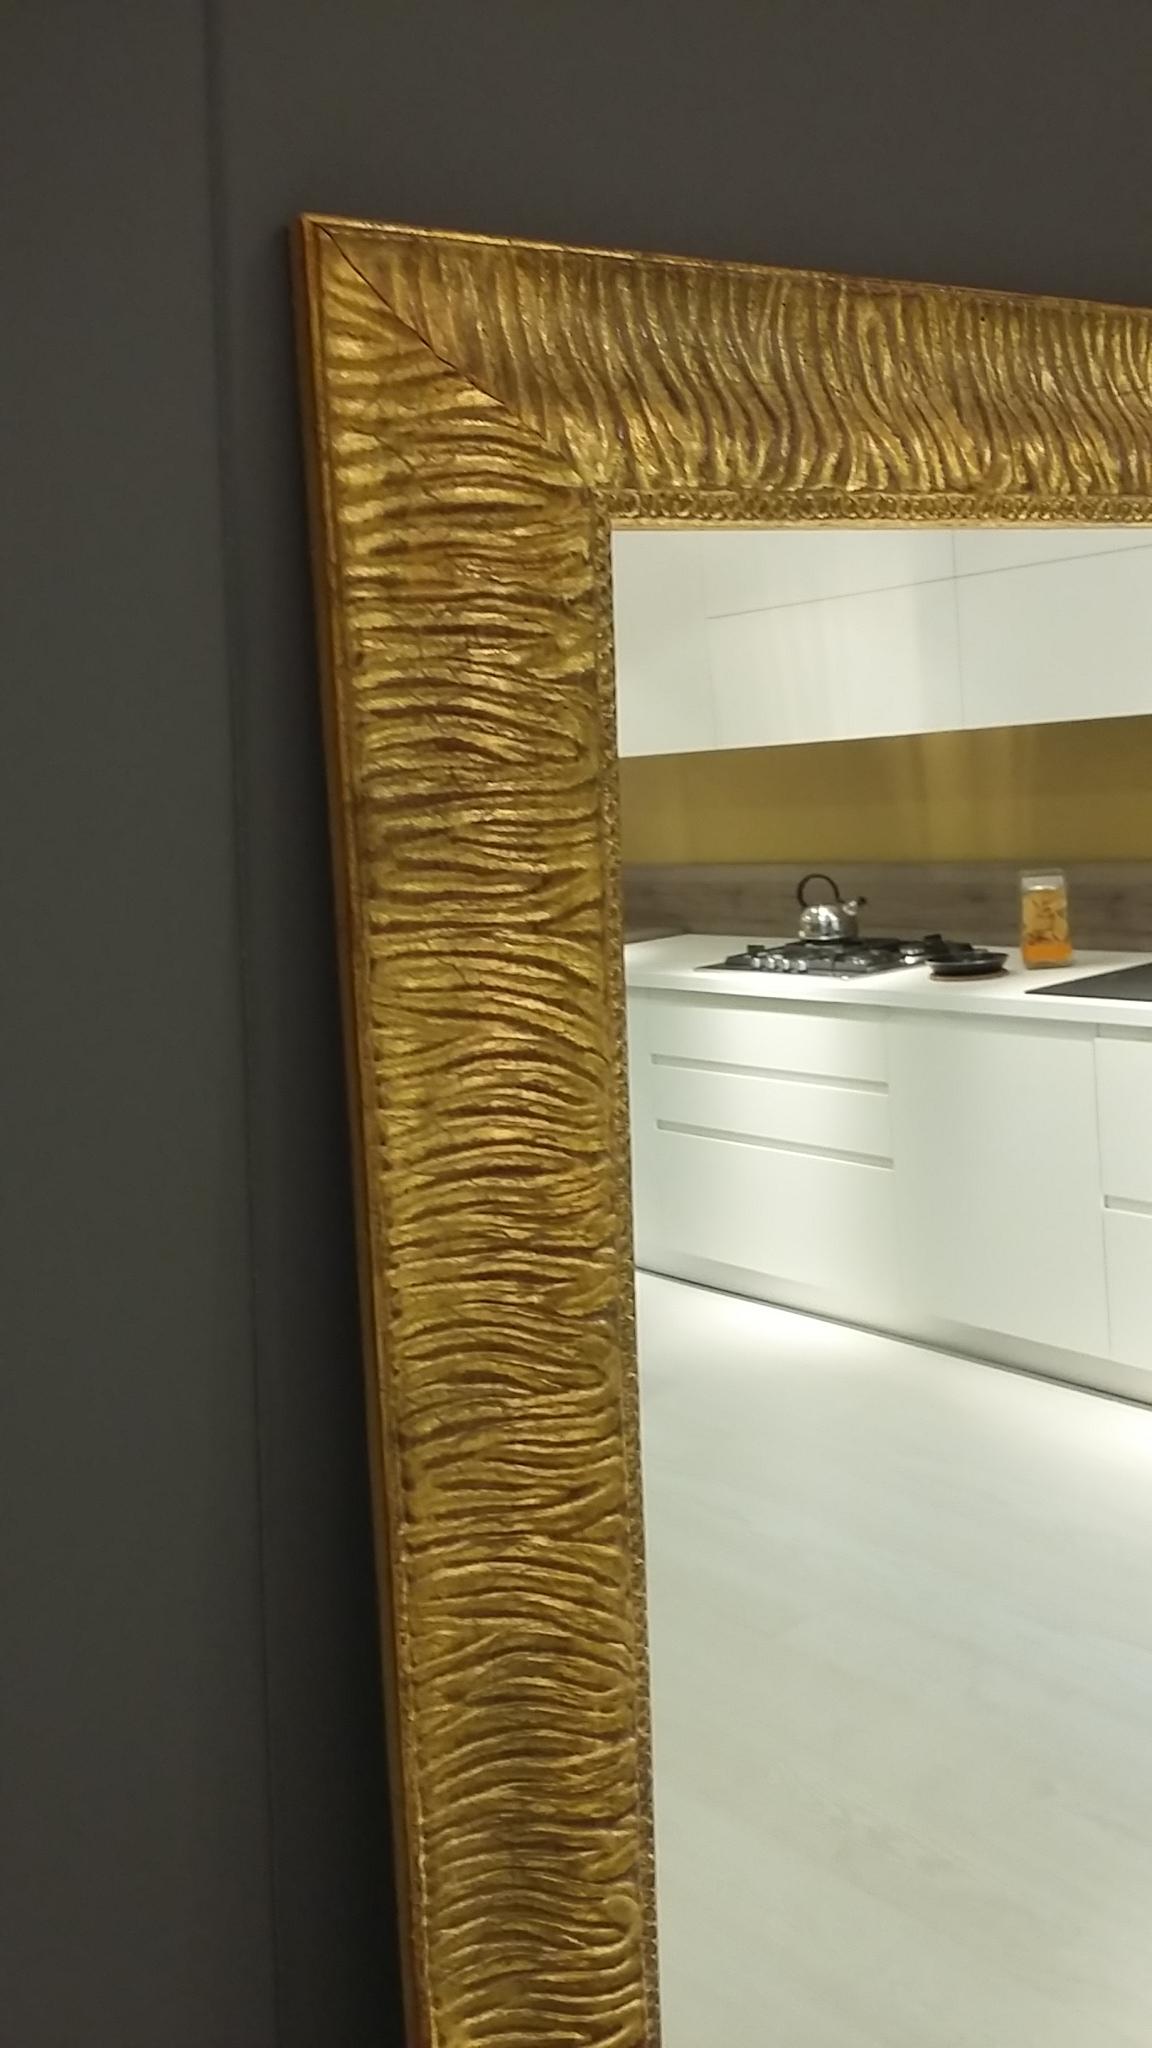 Specchio cornice oro sconto 56 complementi a prezzi scontati - Specchio cornice oro ...